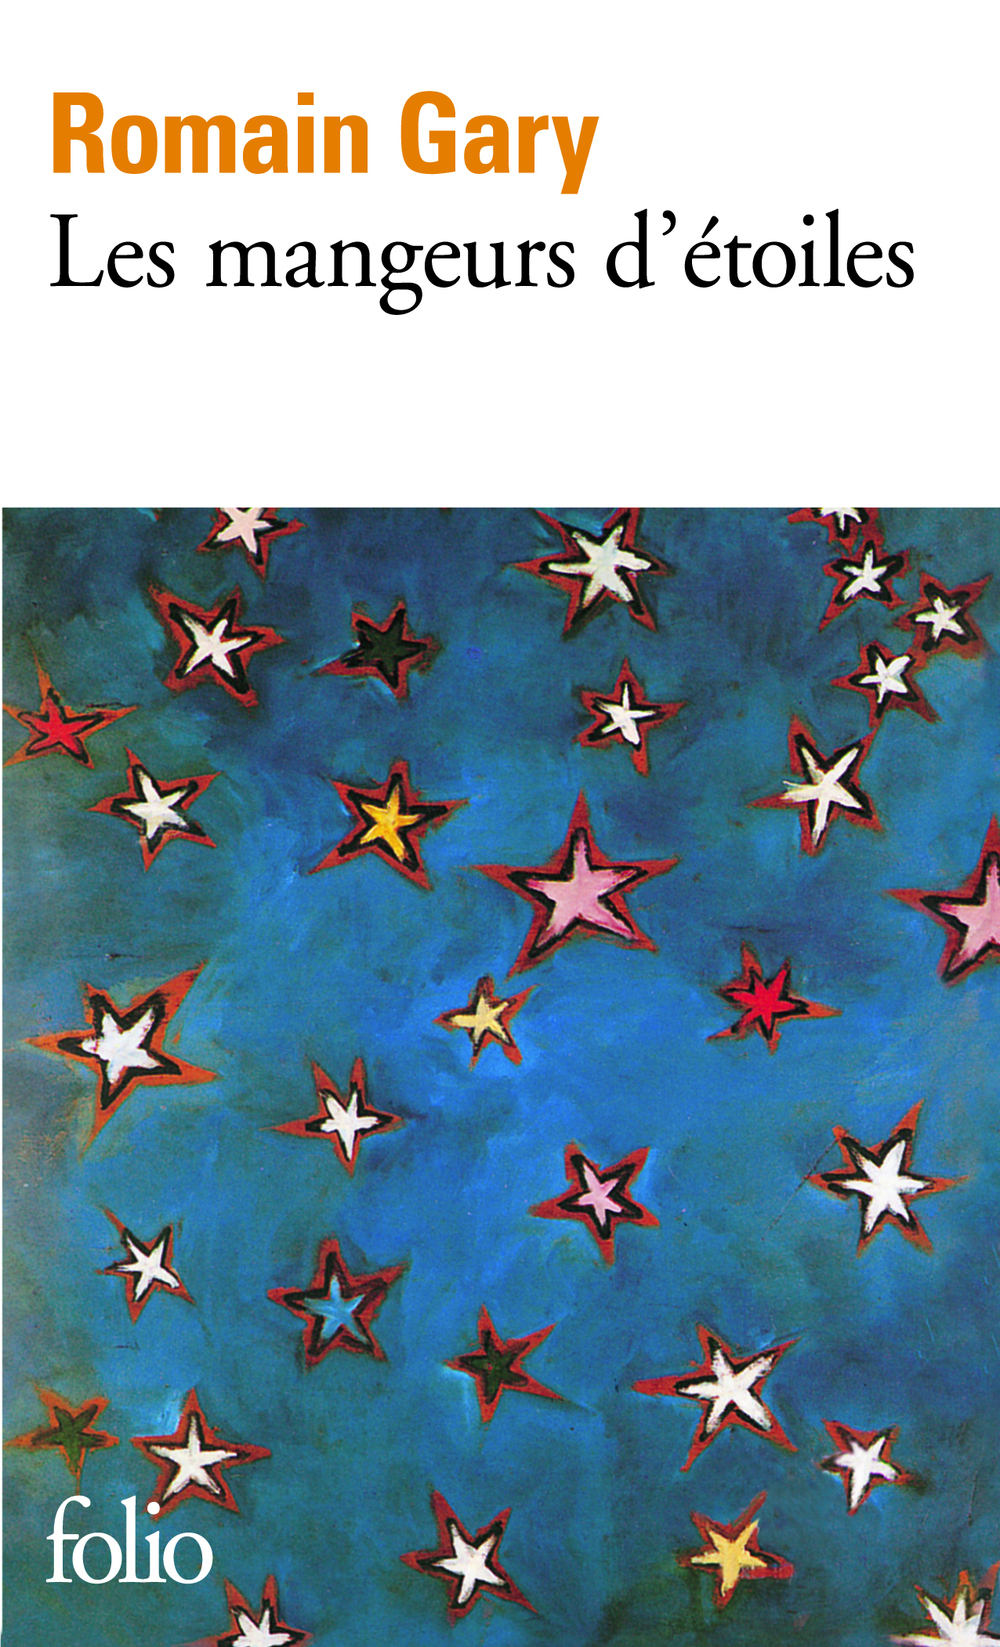 Les Mangeurs d'étoiles